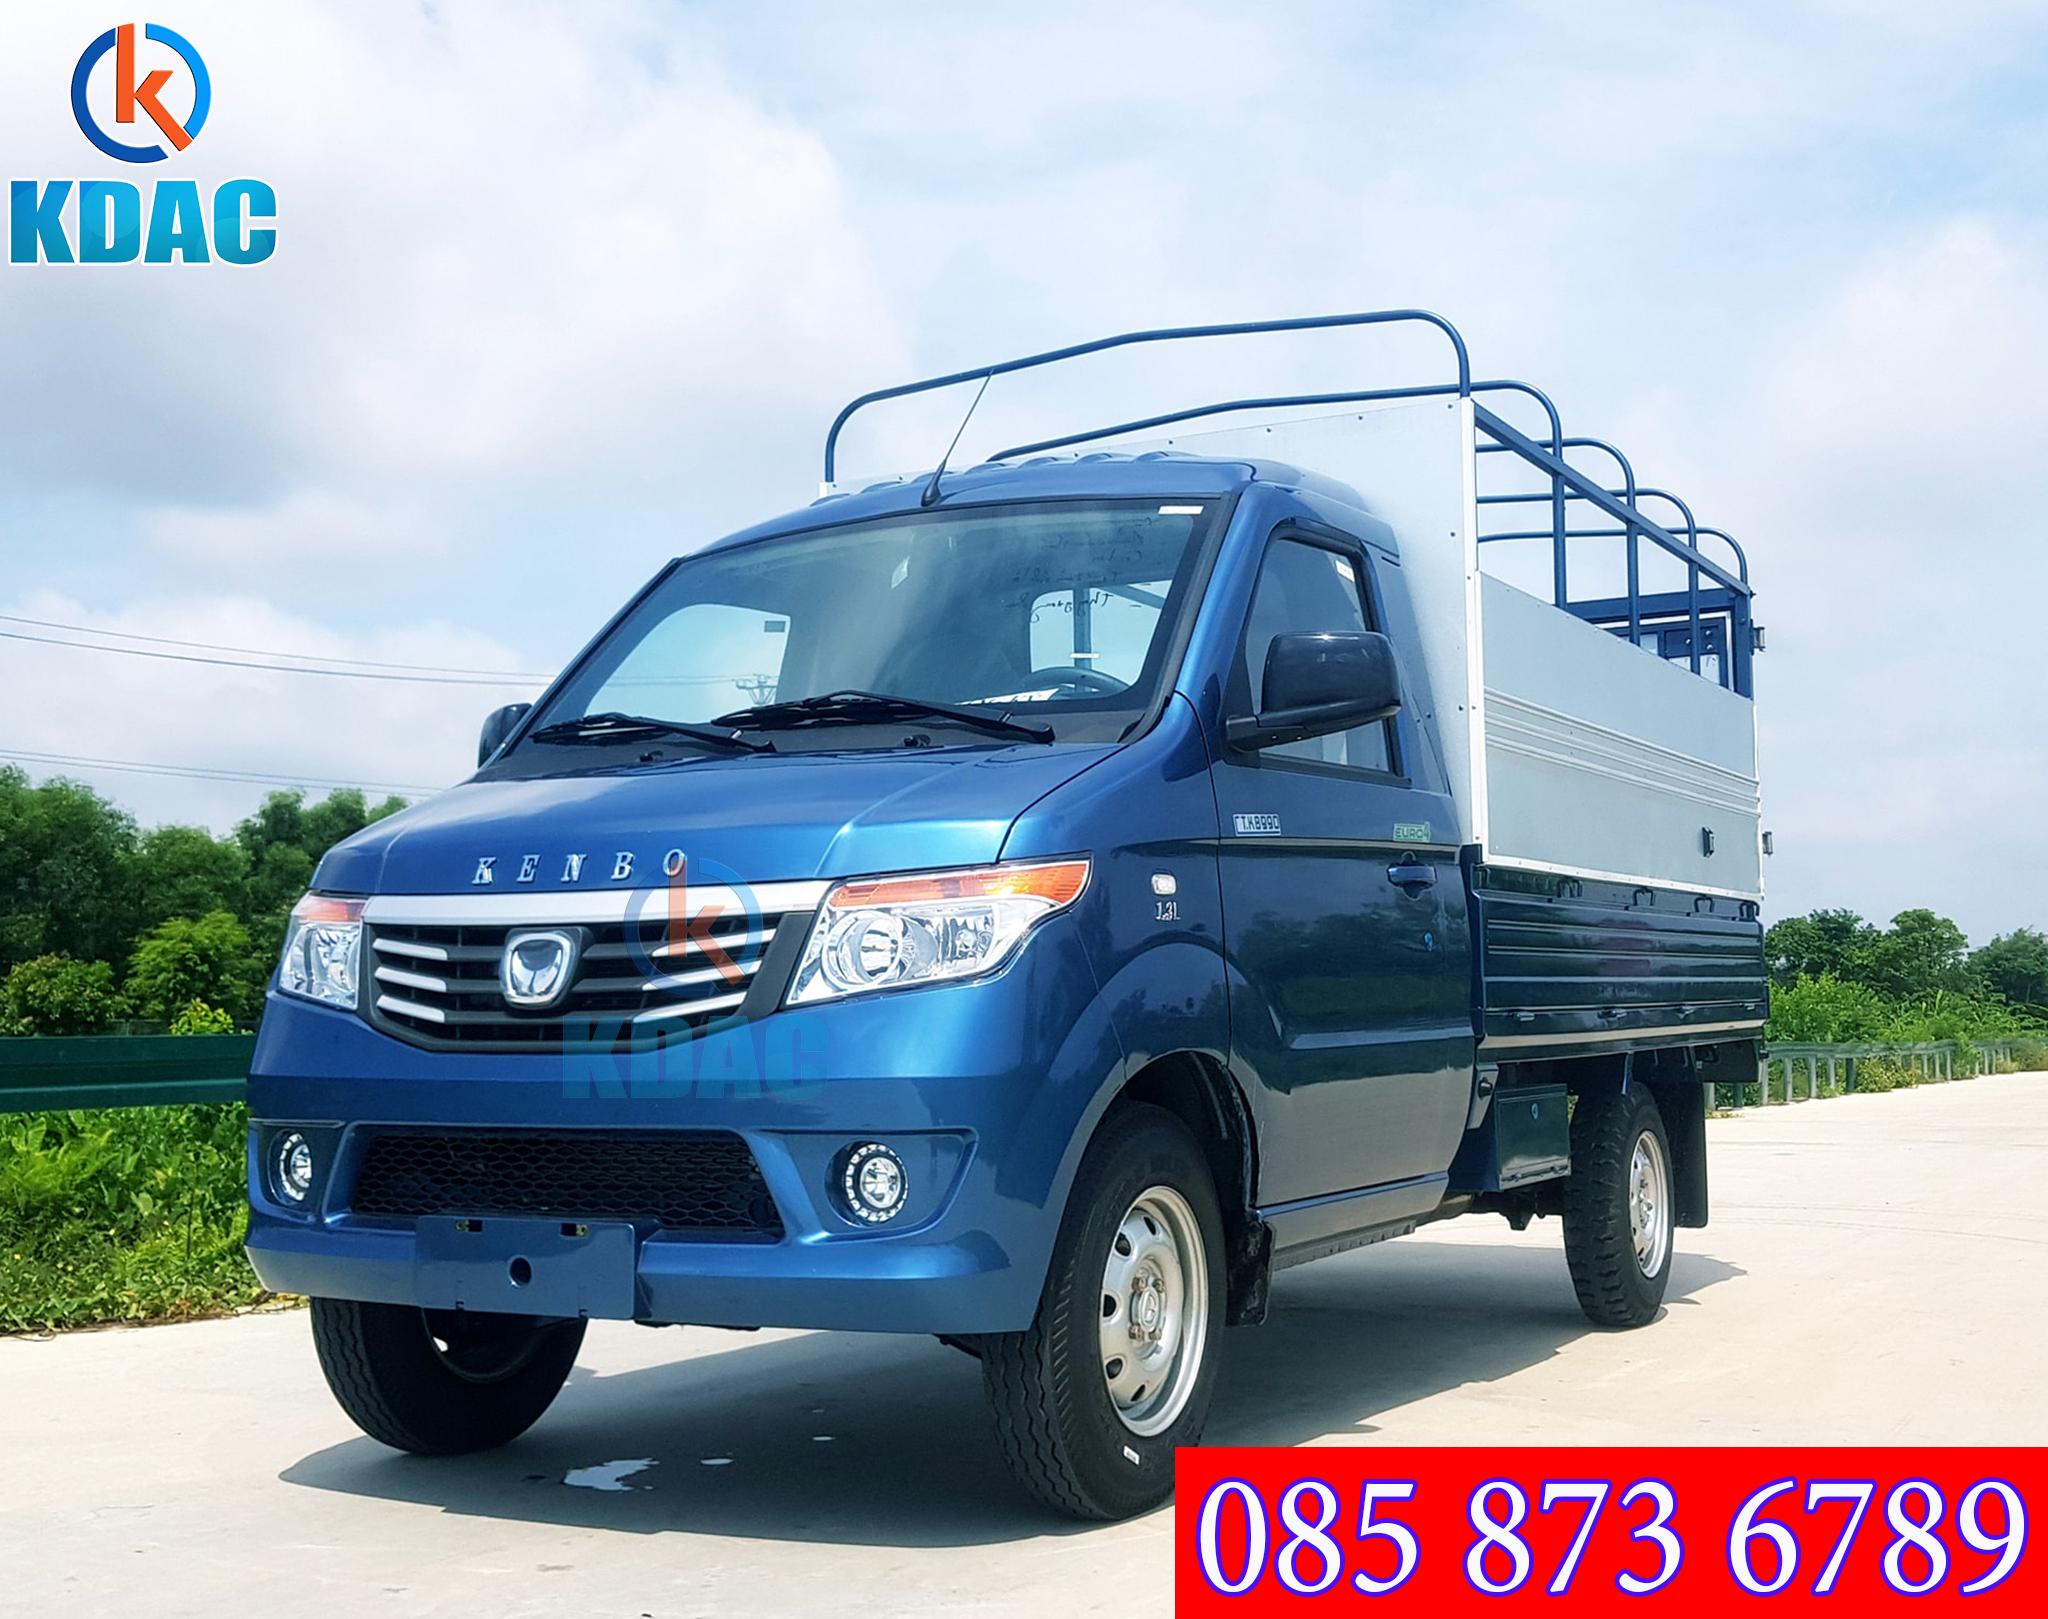 Chợ ôtô: Ô Tô Á Châu - Cần bán xe tải kenbo giá tốt Hà Nội Cty-2